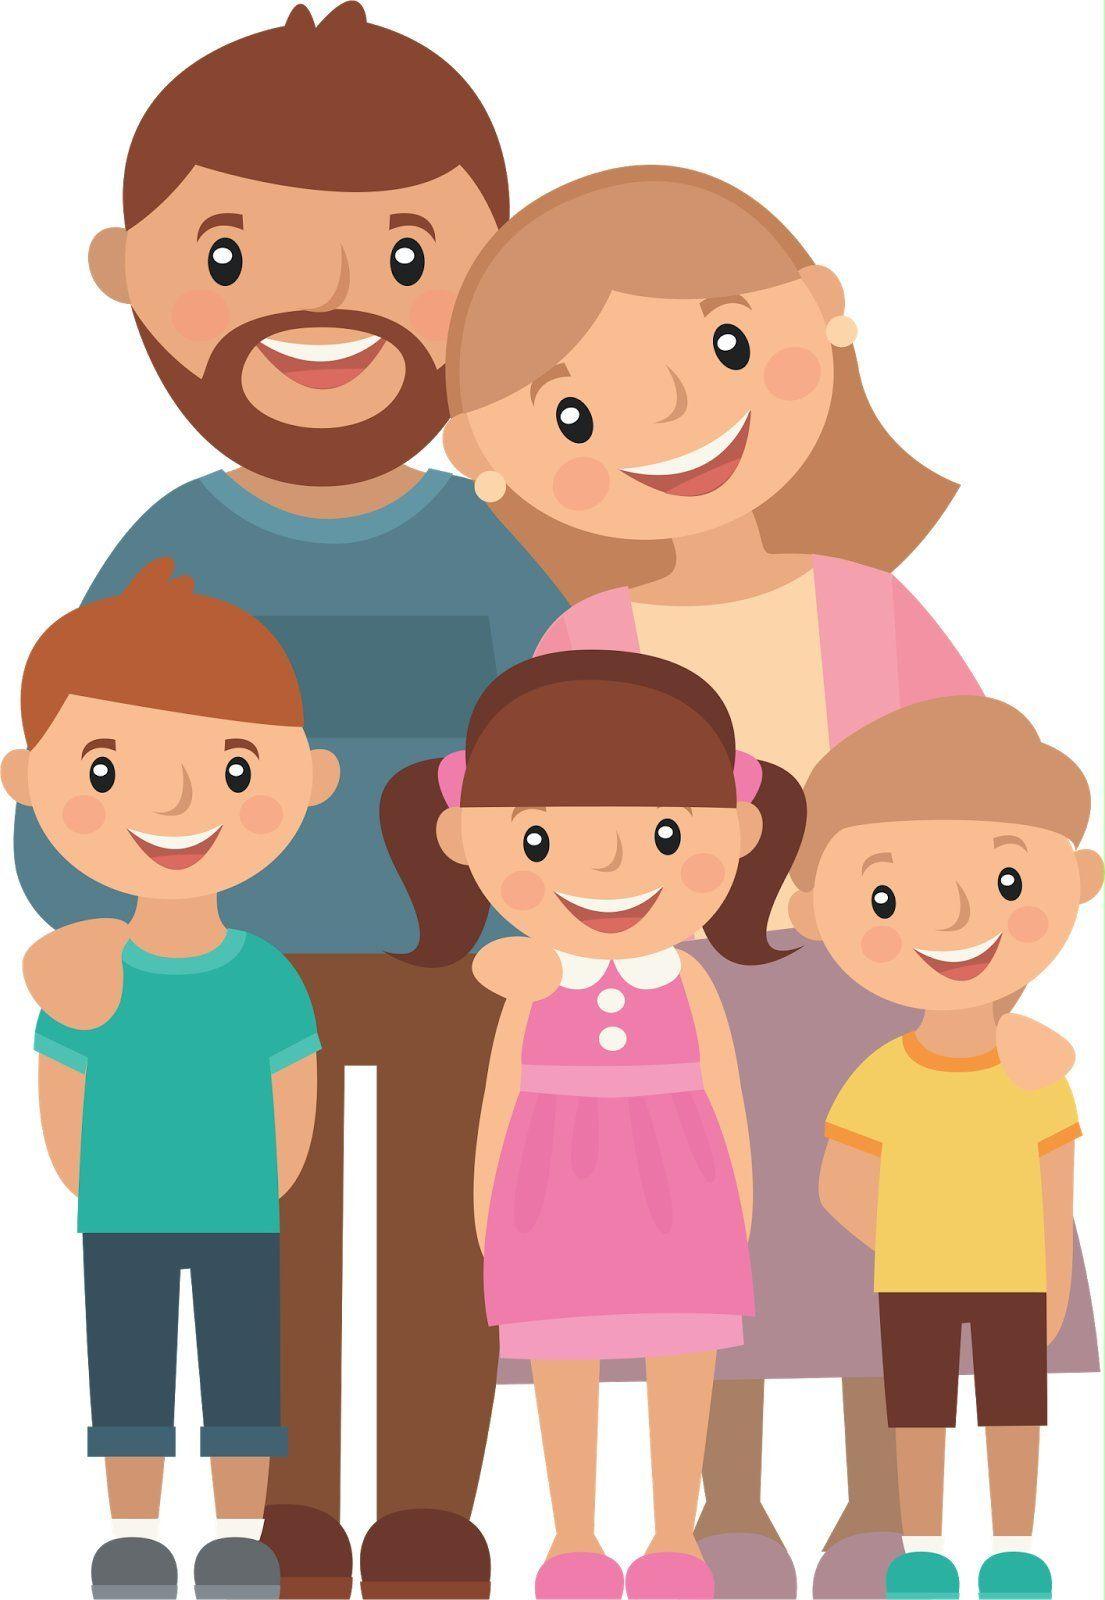 happyfamily1-happy-family